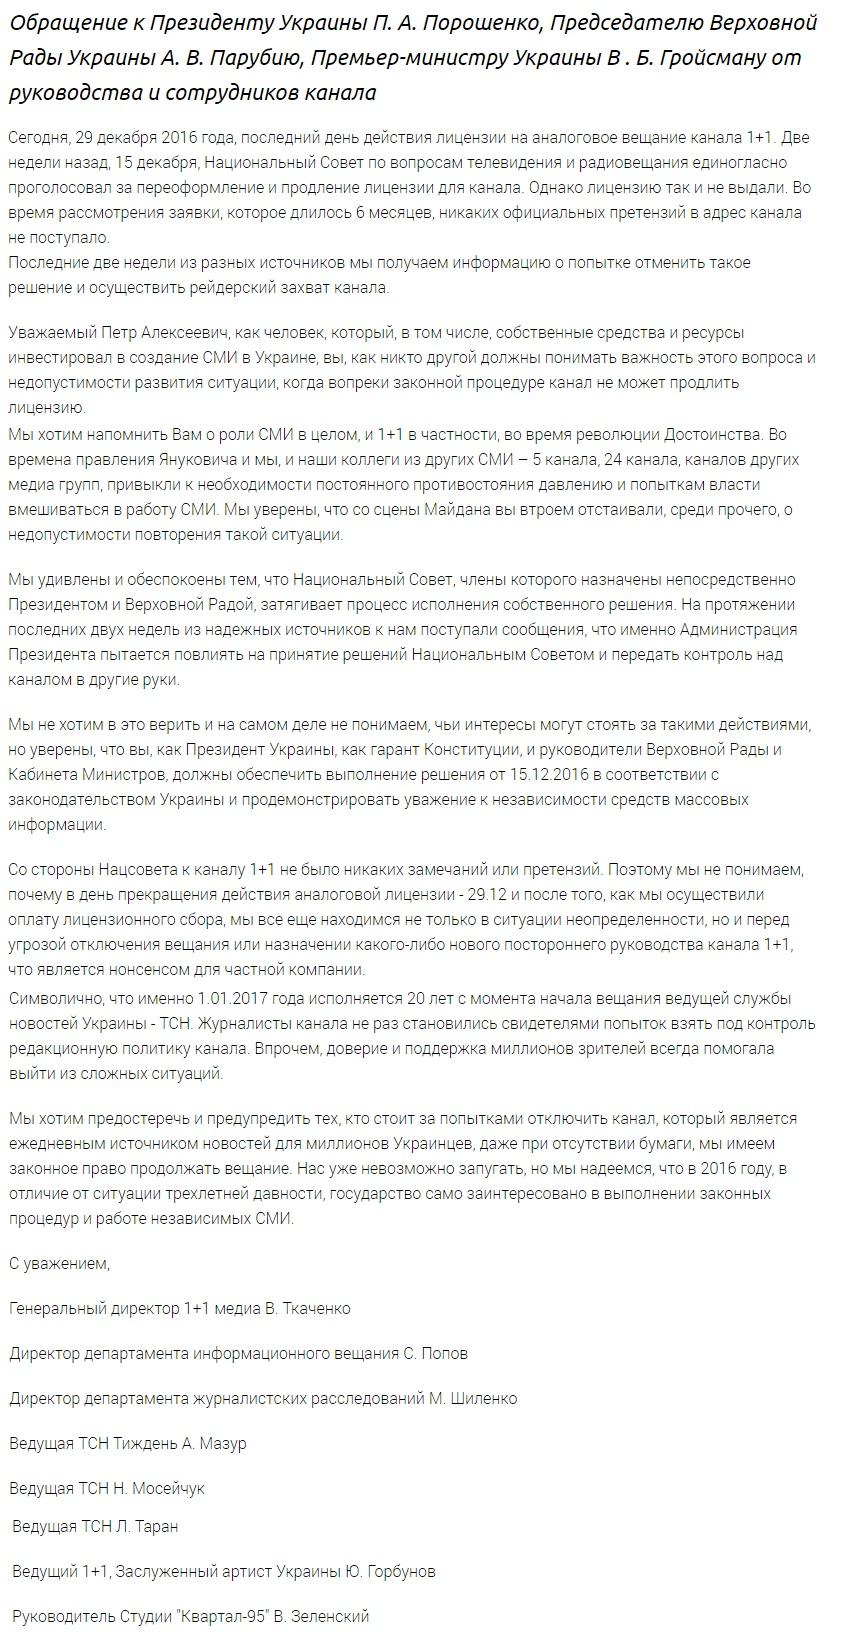 Коллектив 1+1 заявил о попытке властей захватить телеканал